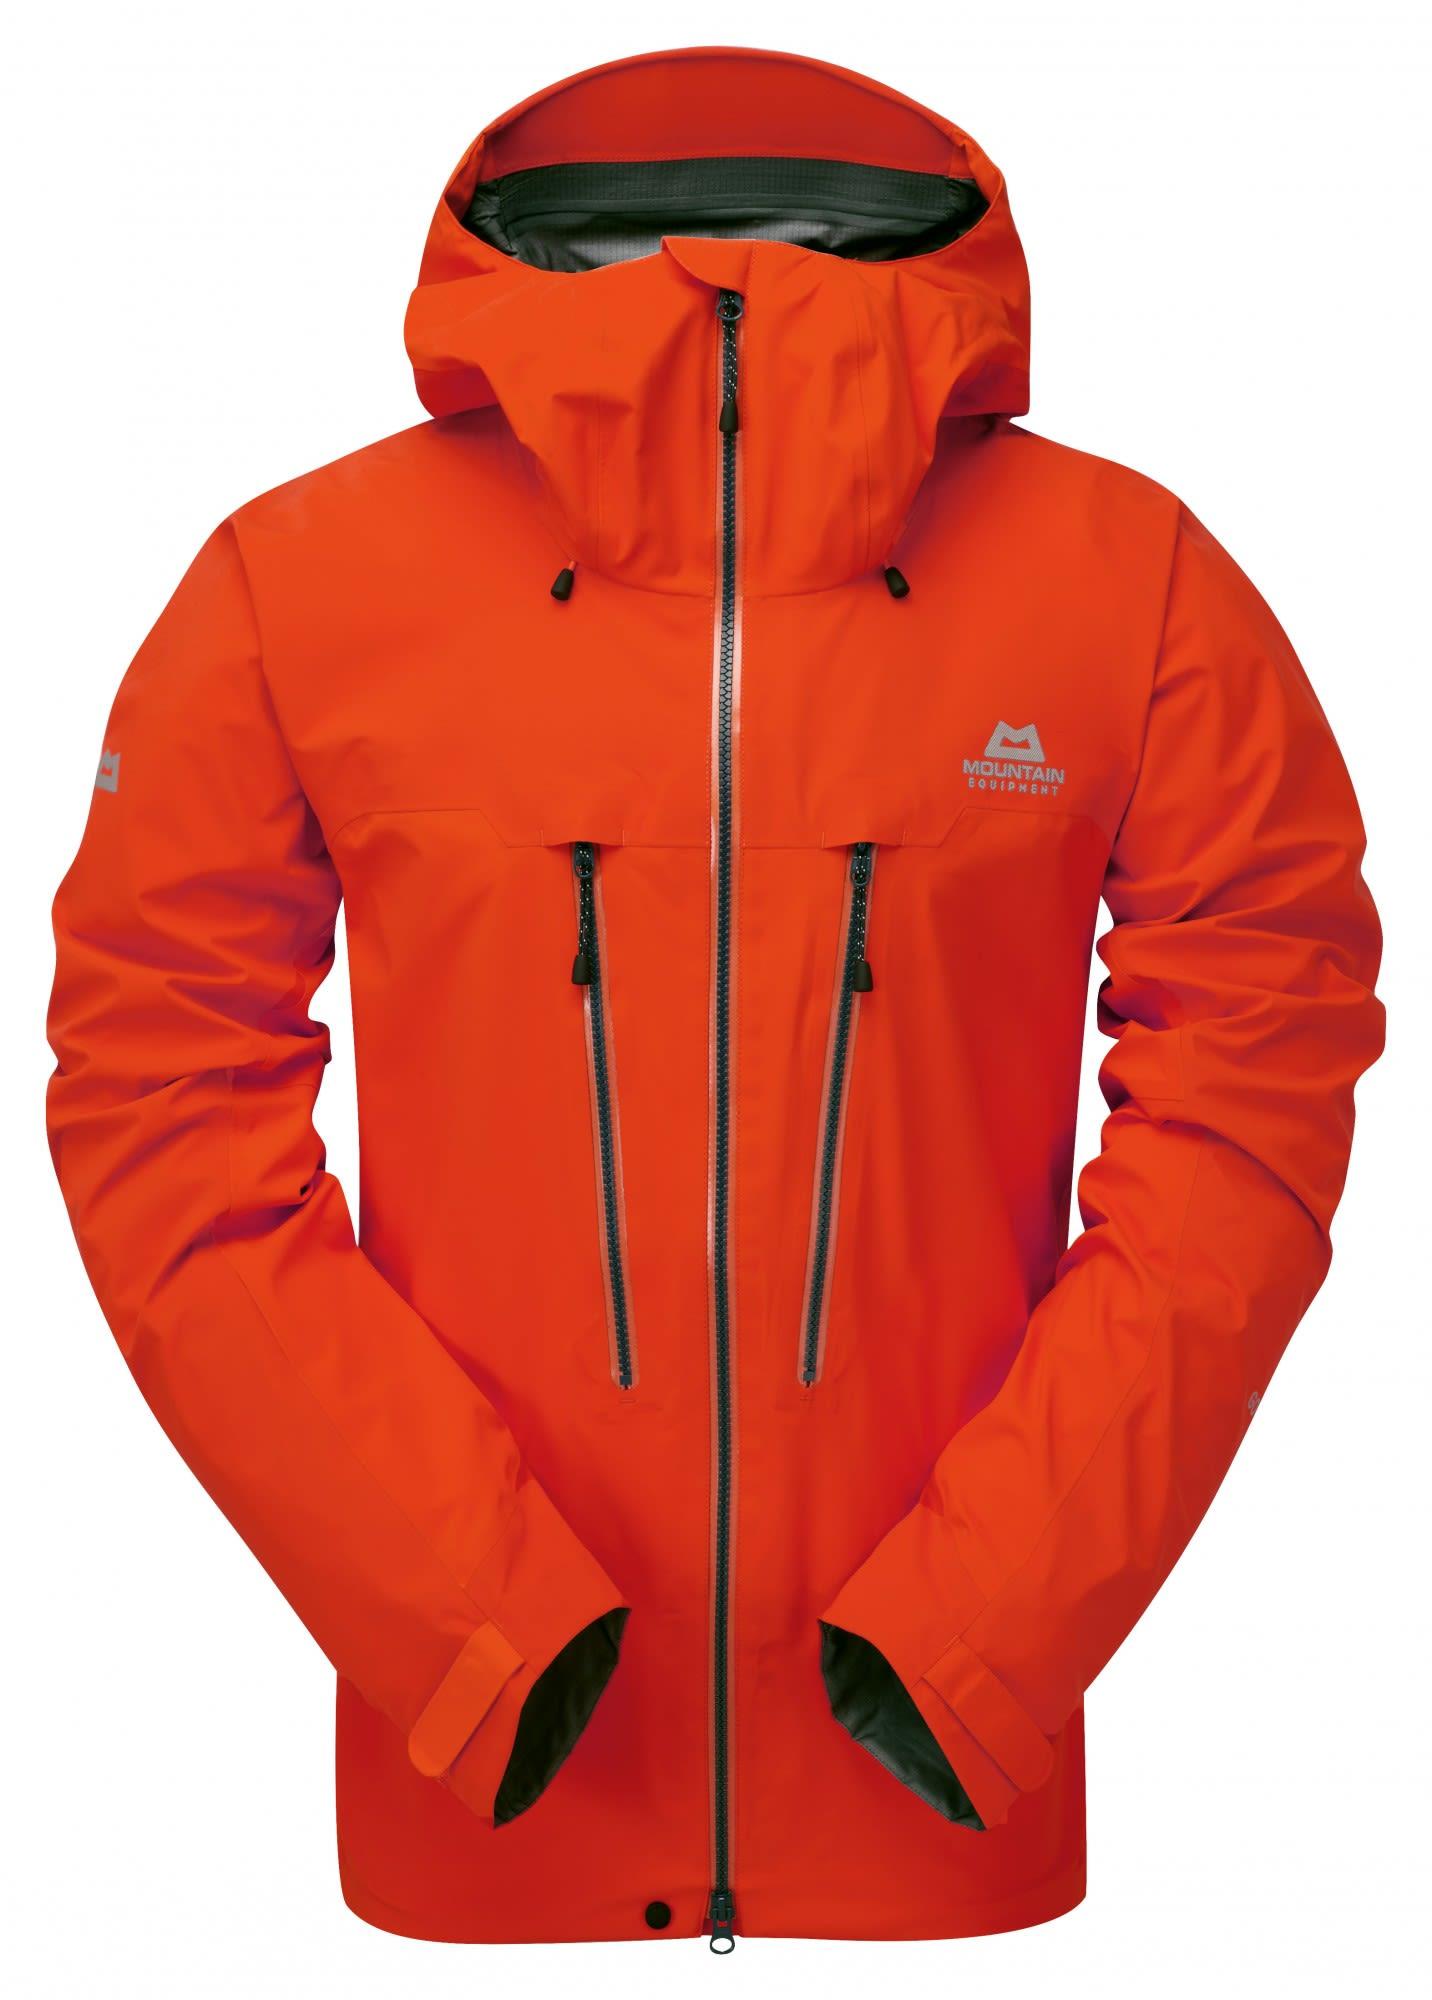 Mountain Equipment M Tupilak Jacket, Cardinal Orange | Herren Freizeitjacke